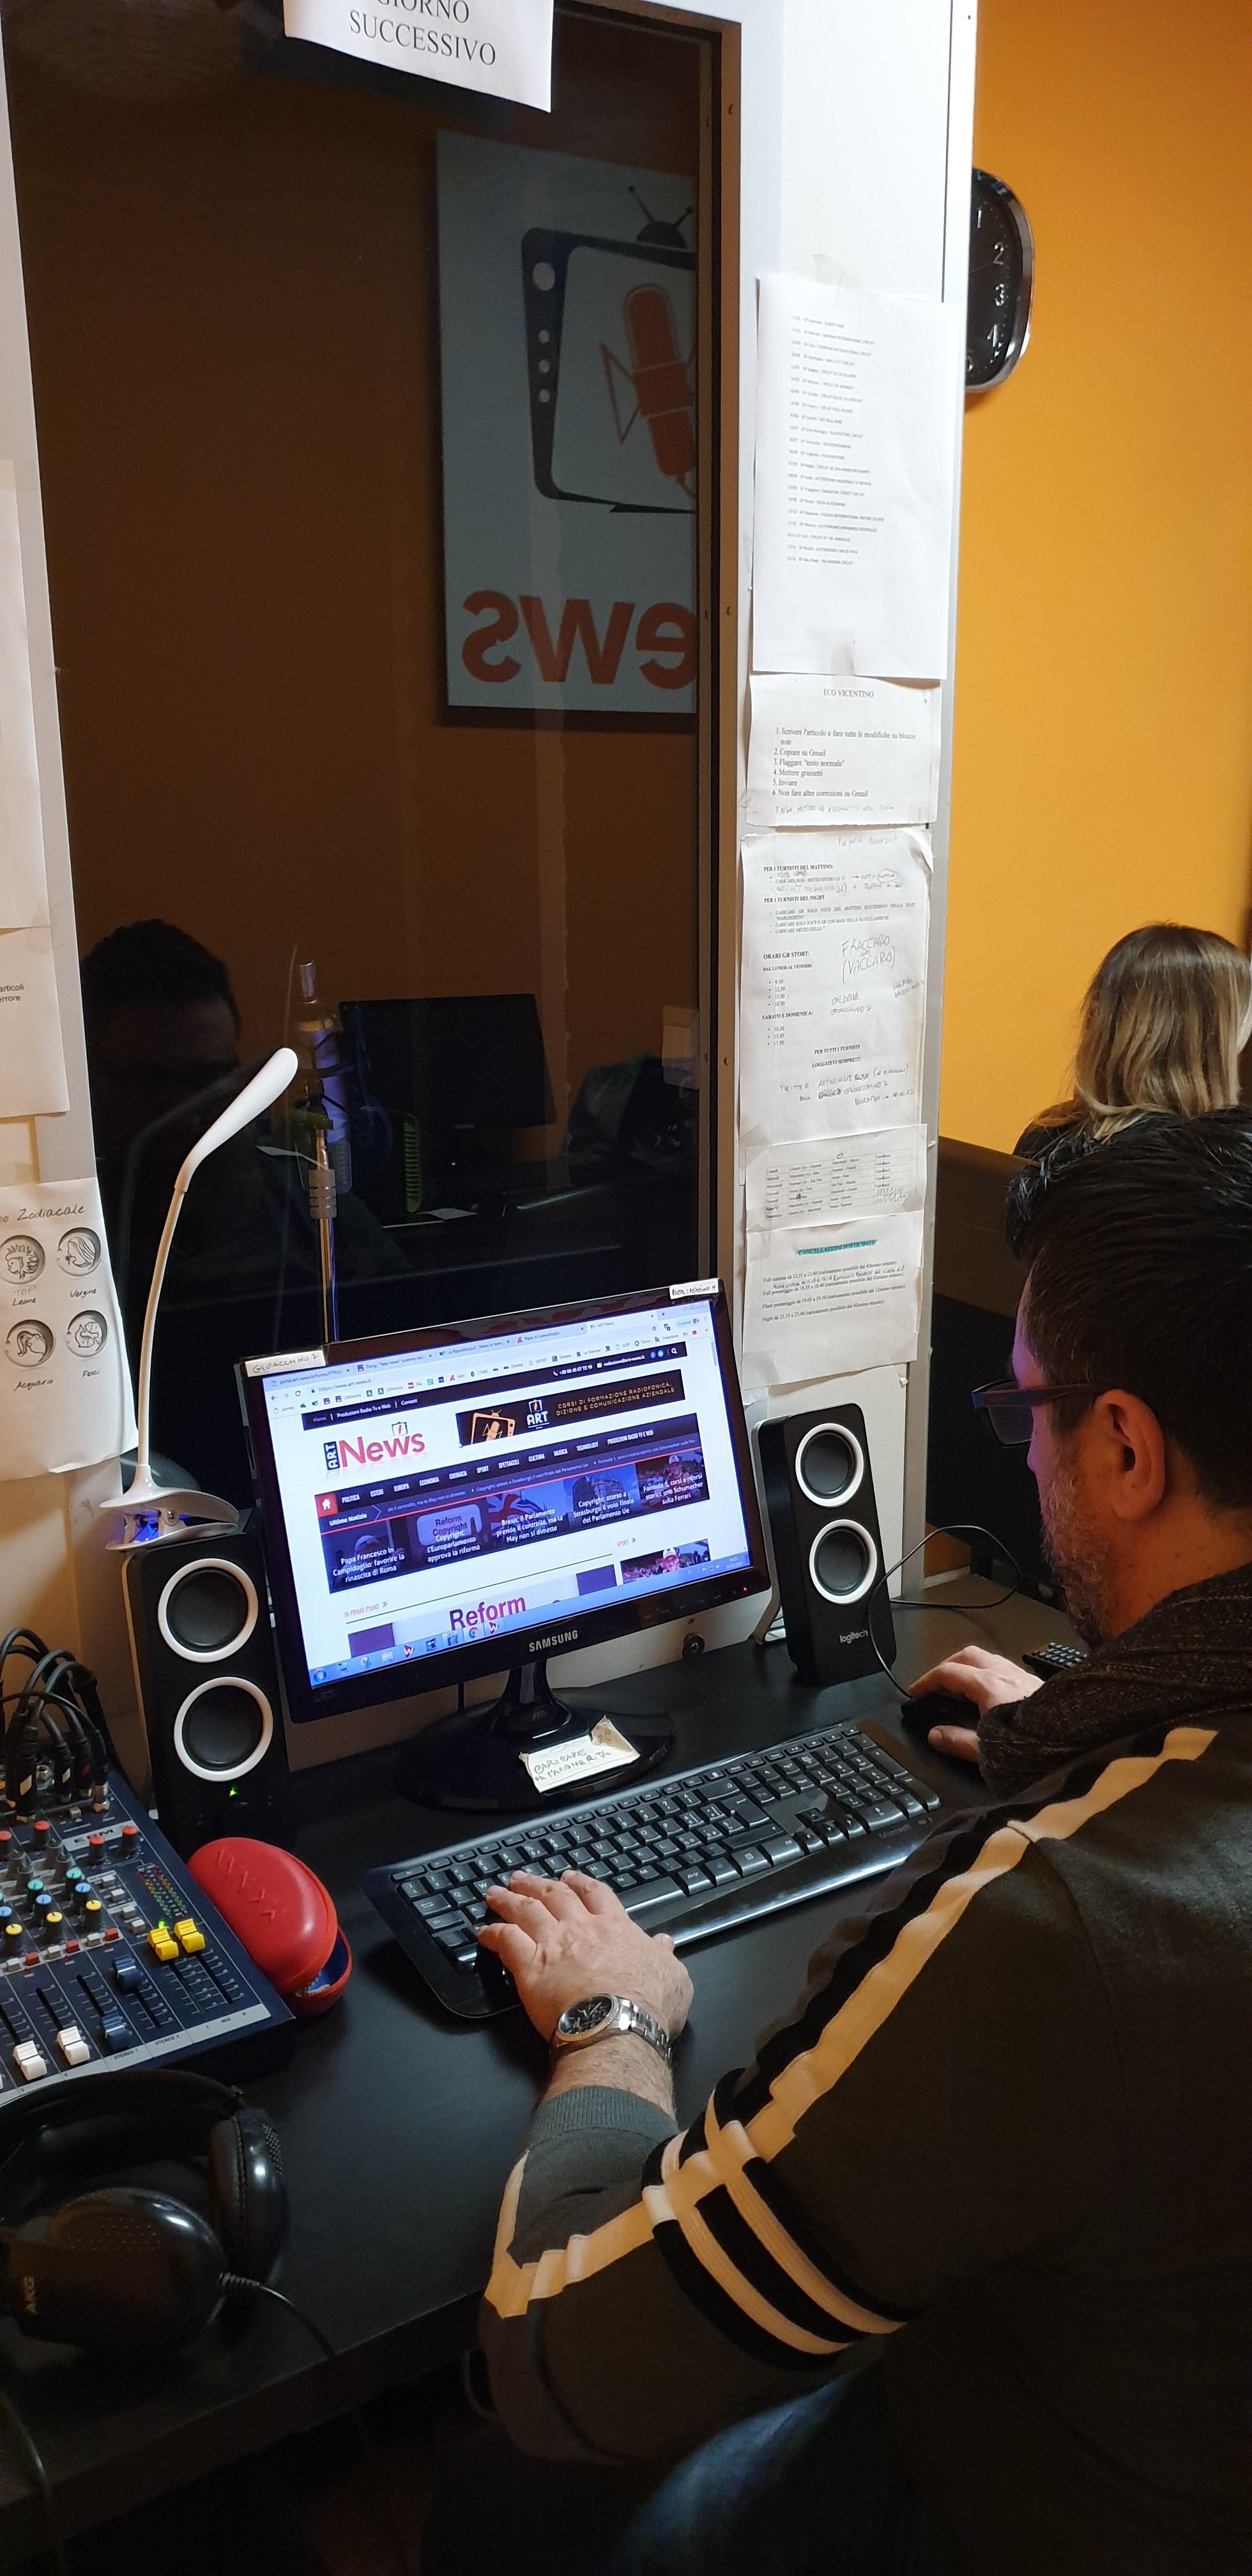 Art News 8 - Radio. Come stanno gestendo l'emergenza informativa le agenzie di informazione radio? Max Poli (ART News): intensificati aggiornamenti. Visual news allo studio